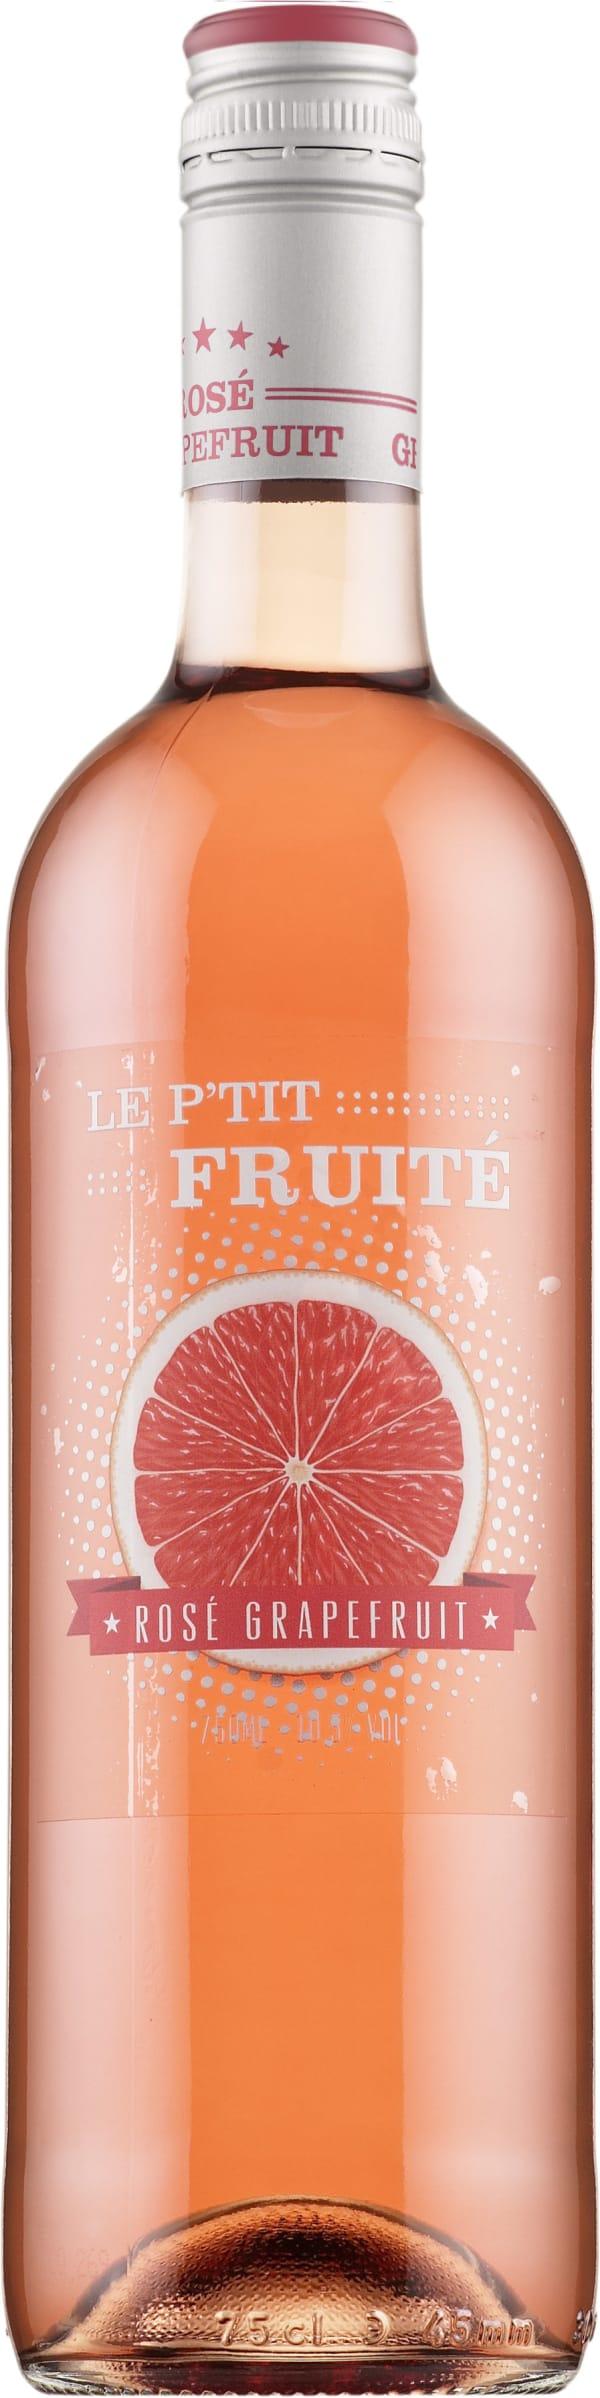 Le P'tit Fruité Rosé Grapefruit